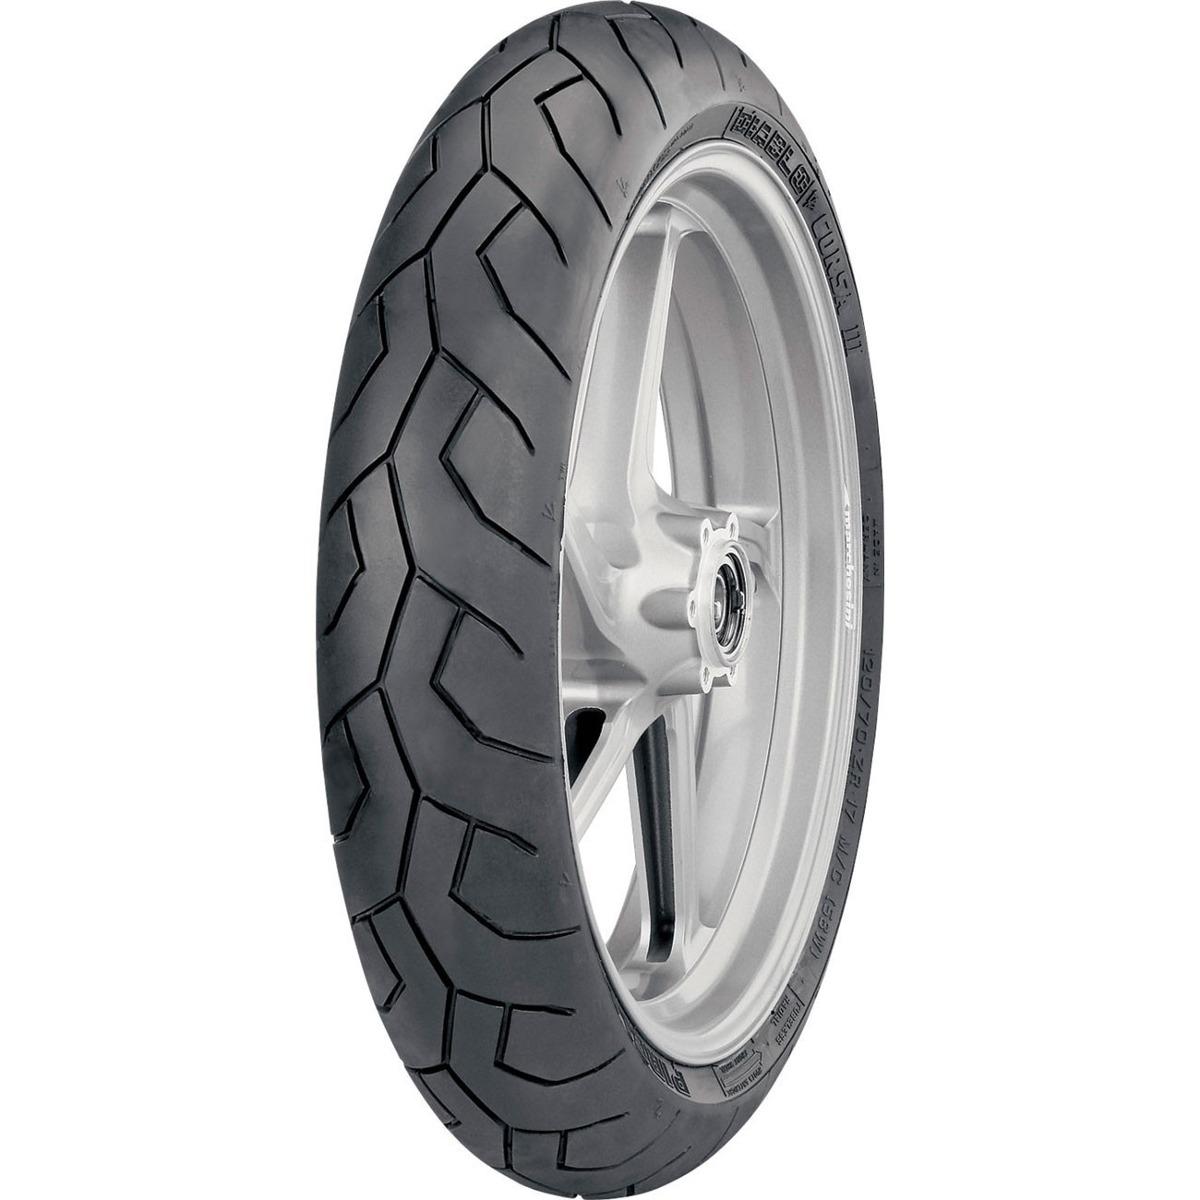 combo pneu pirelli dianteiro traseiro hornet xj6 fazer600 r 979 90 no mercadolivre. Black Bedroom Furniture Sets. Home Design Ideas